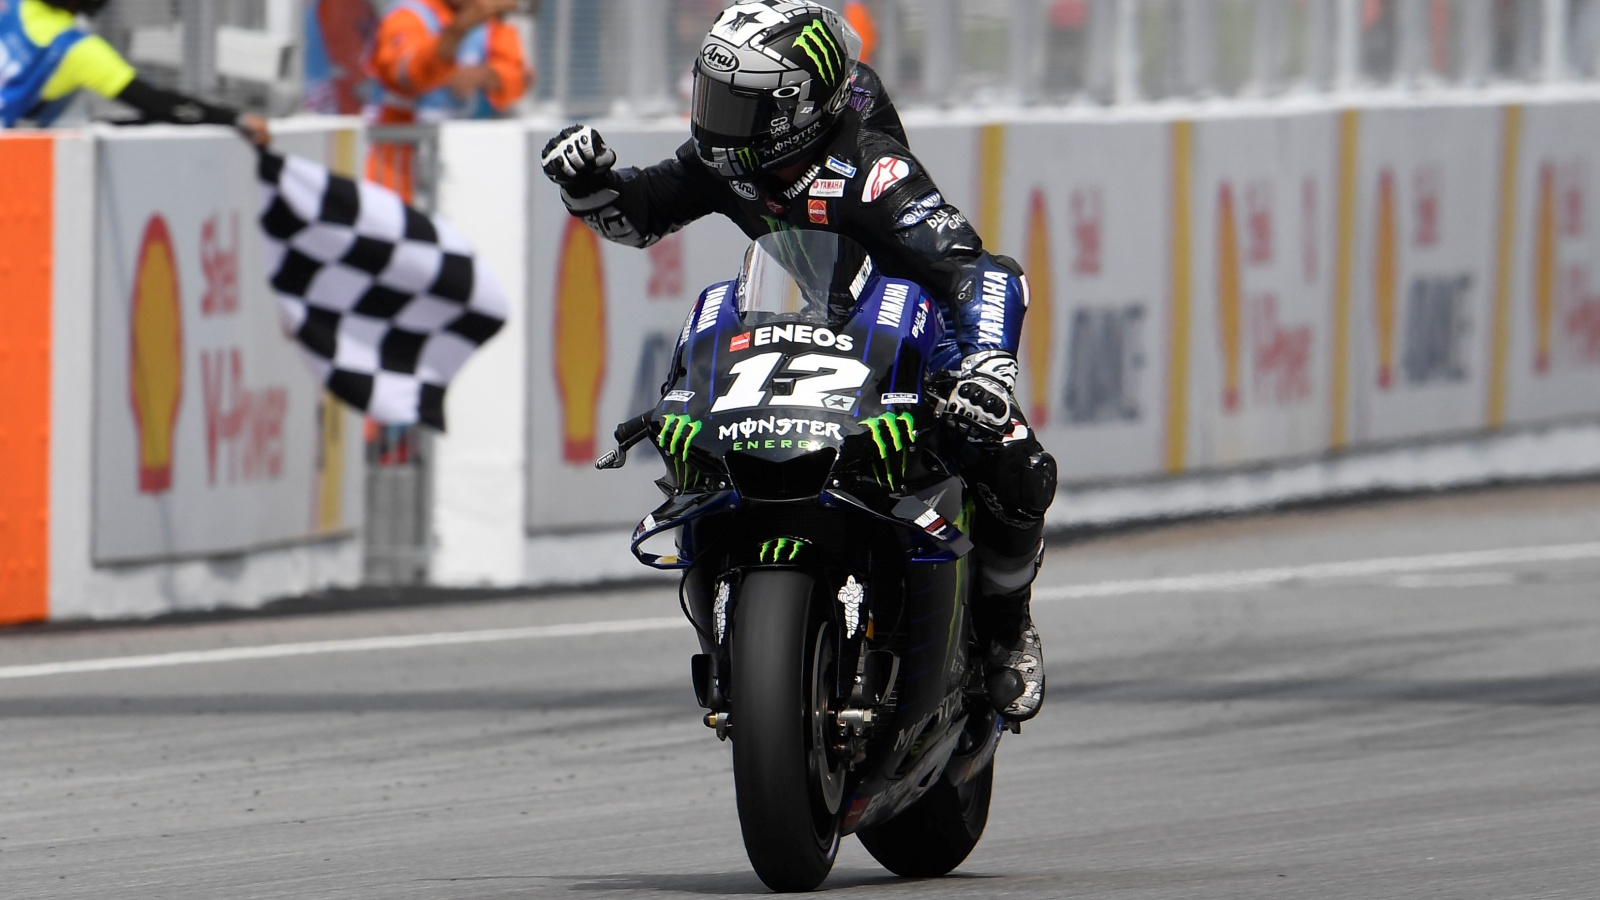 Un pequeño paso para Maverick Viñales, un gran paso para MotoGP